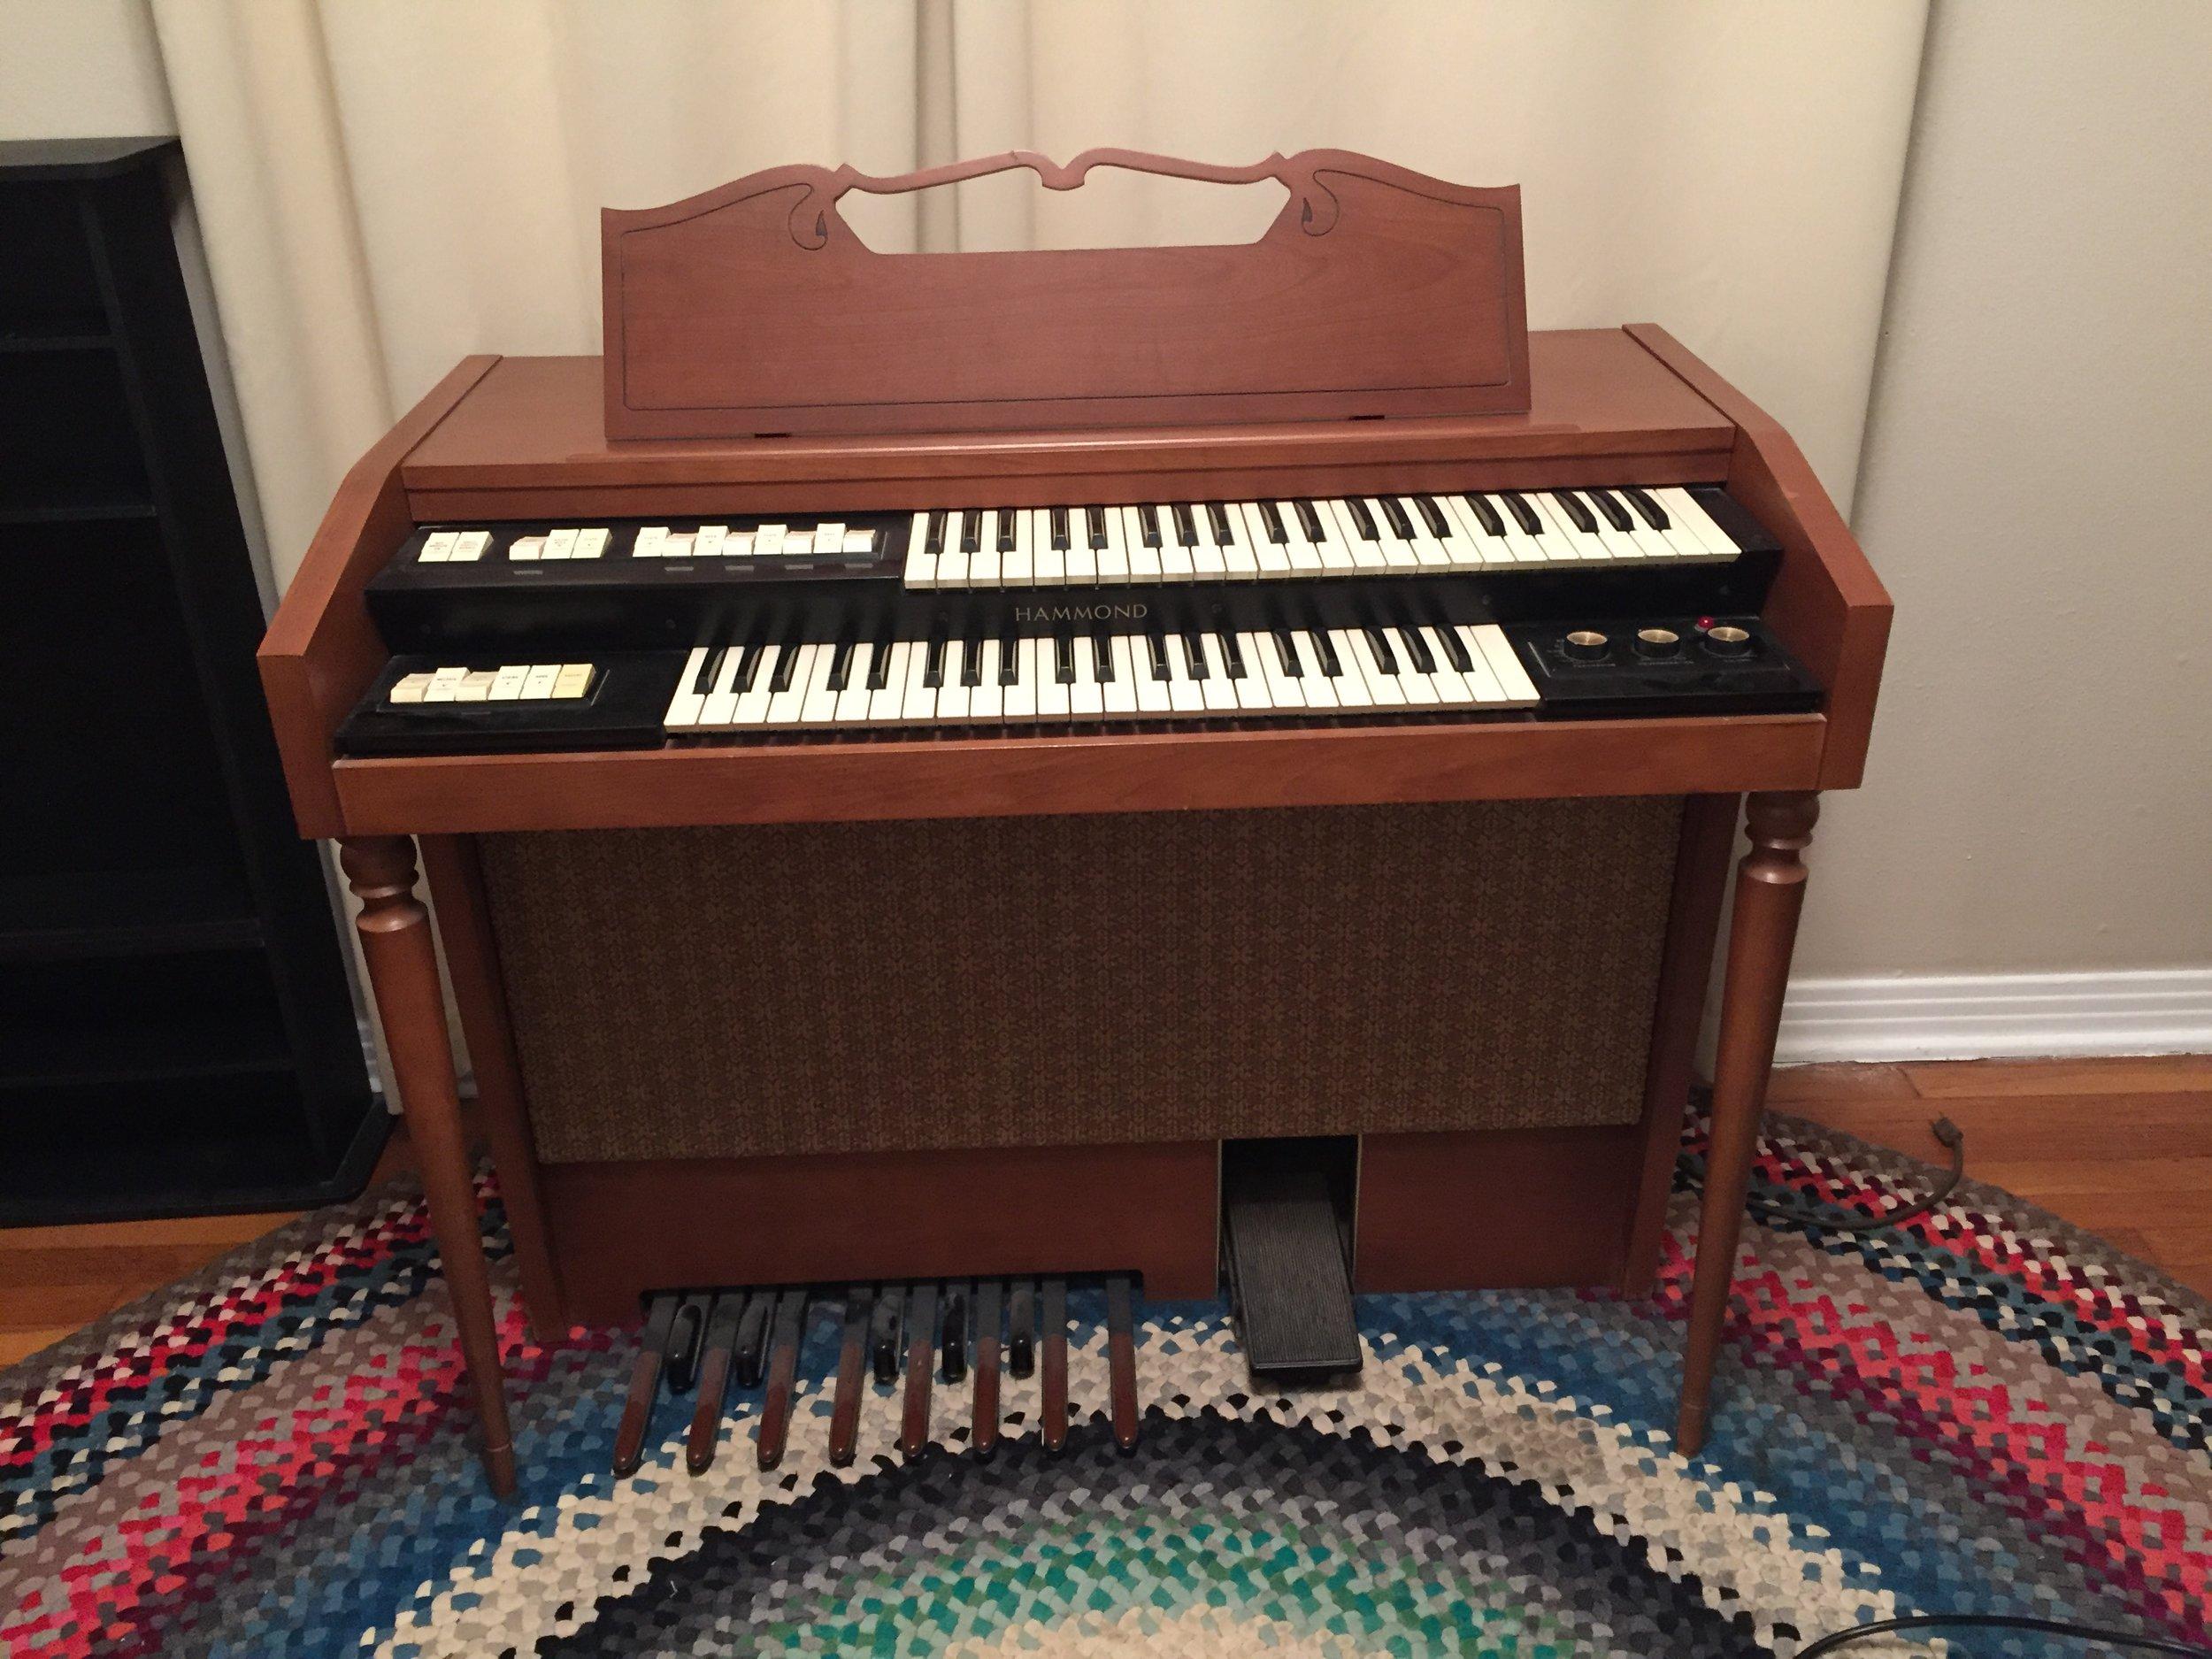 The Organ Circa 2015-2016 during recording of RESCUE